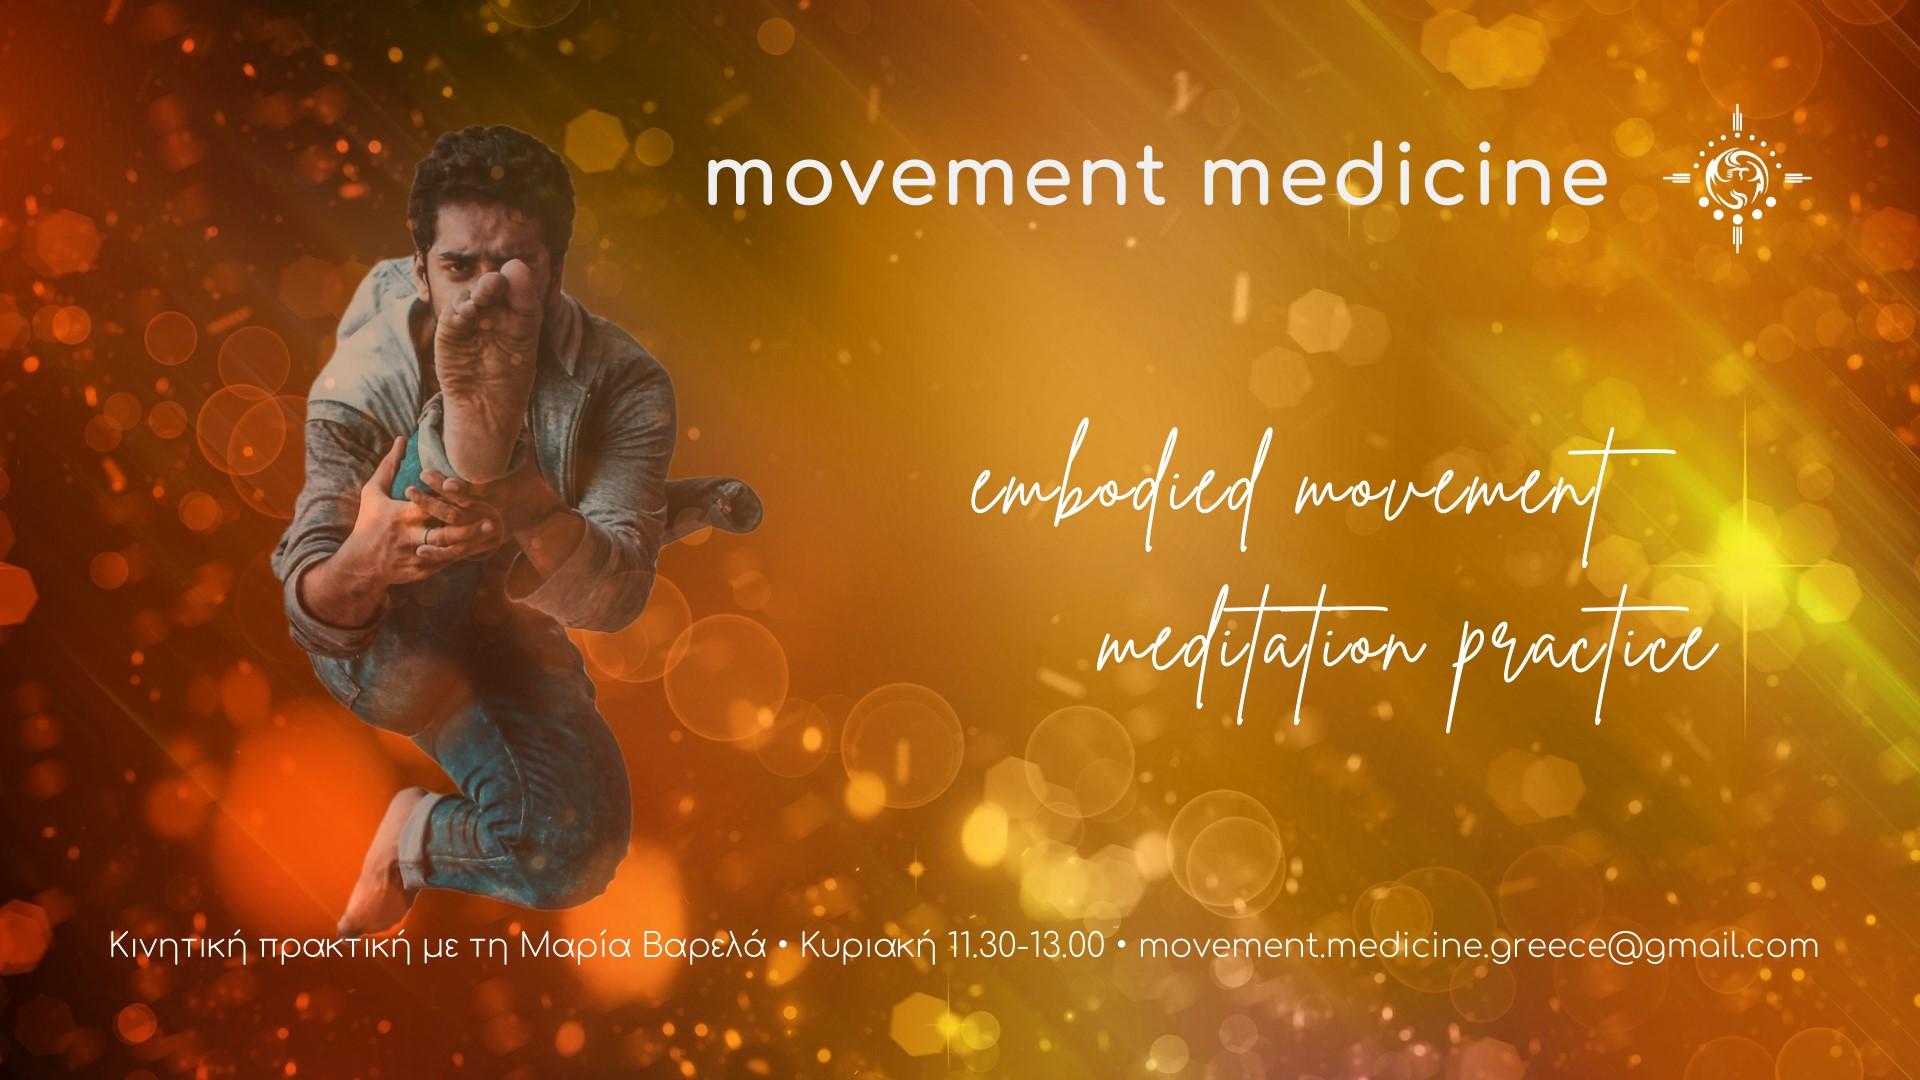 movement medicine greece_fabrica athens_fabrica artspace